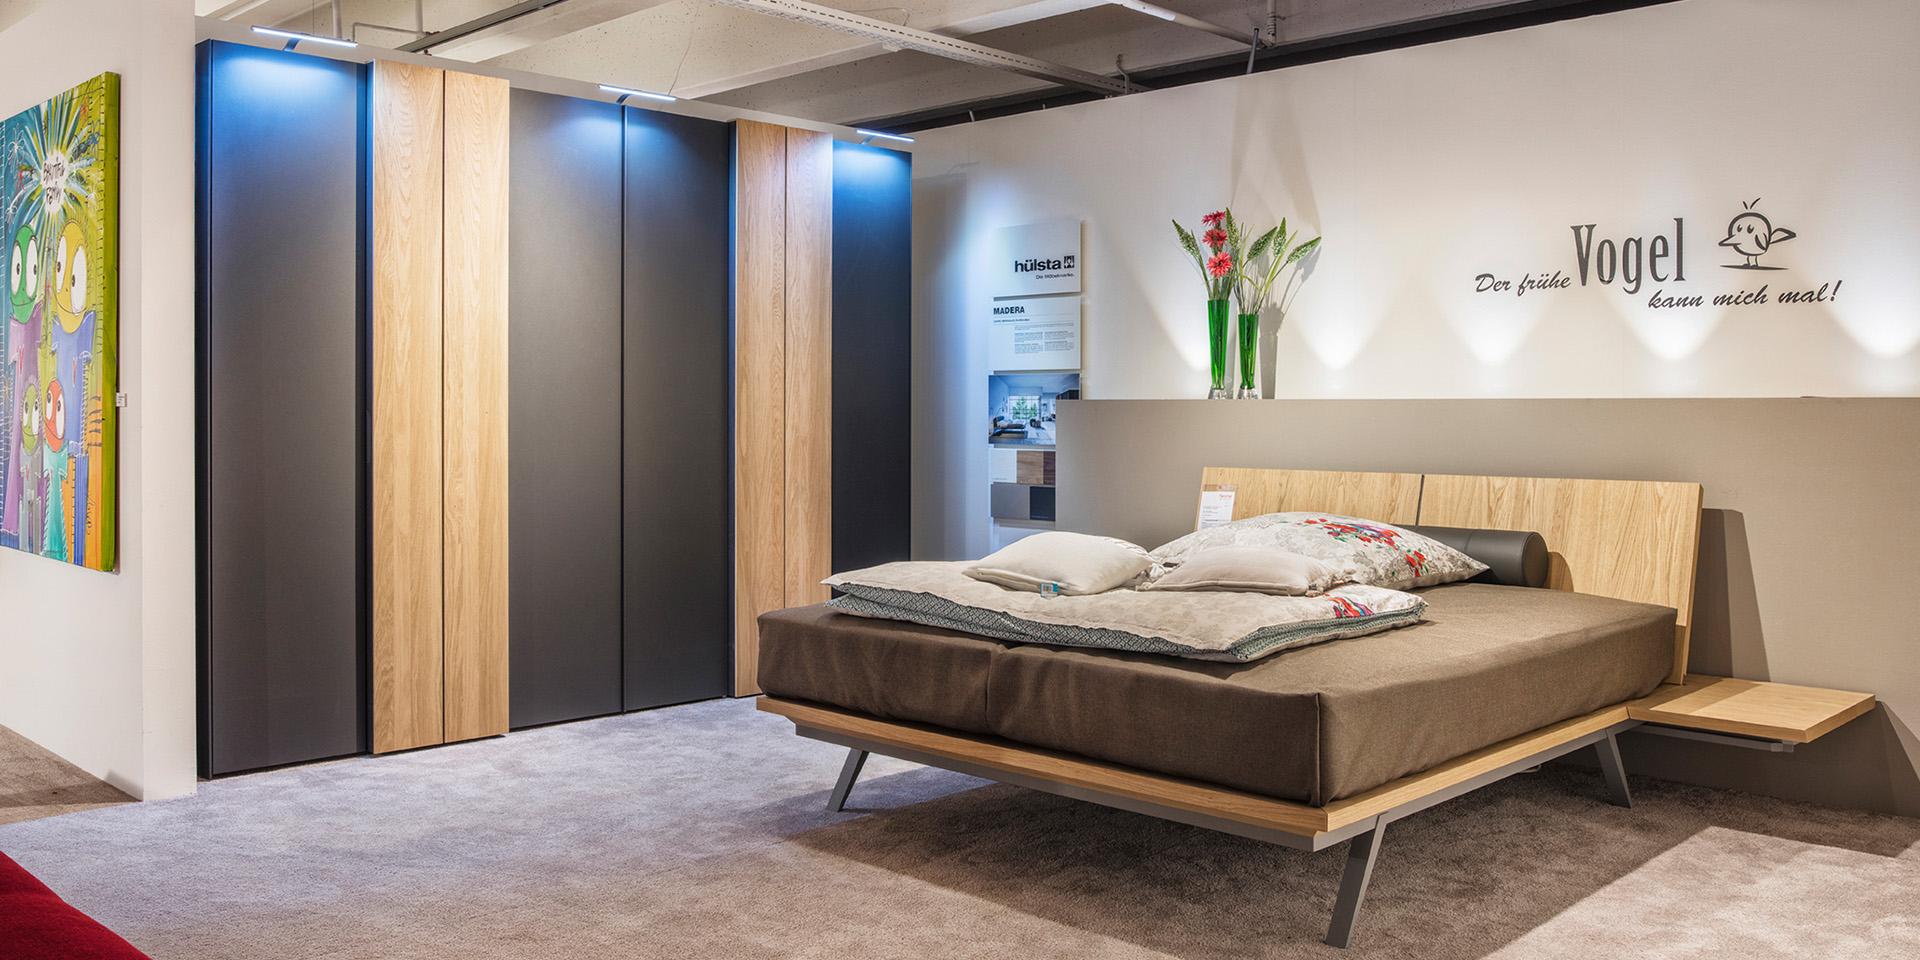 schlafzimmer betten kleiderschr nke fenchel wohnfaszination gmbh. Black Bedroom Furniture Sets. Home Design Ideas